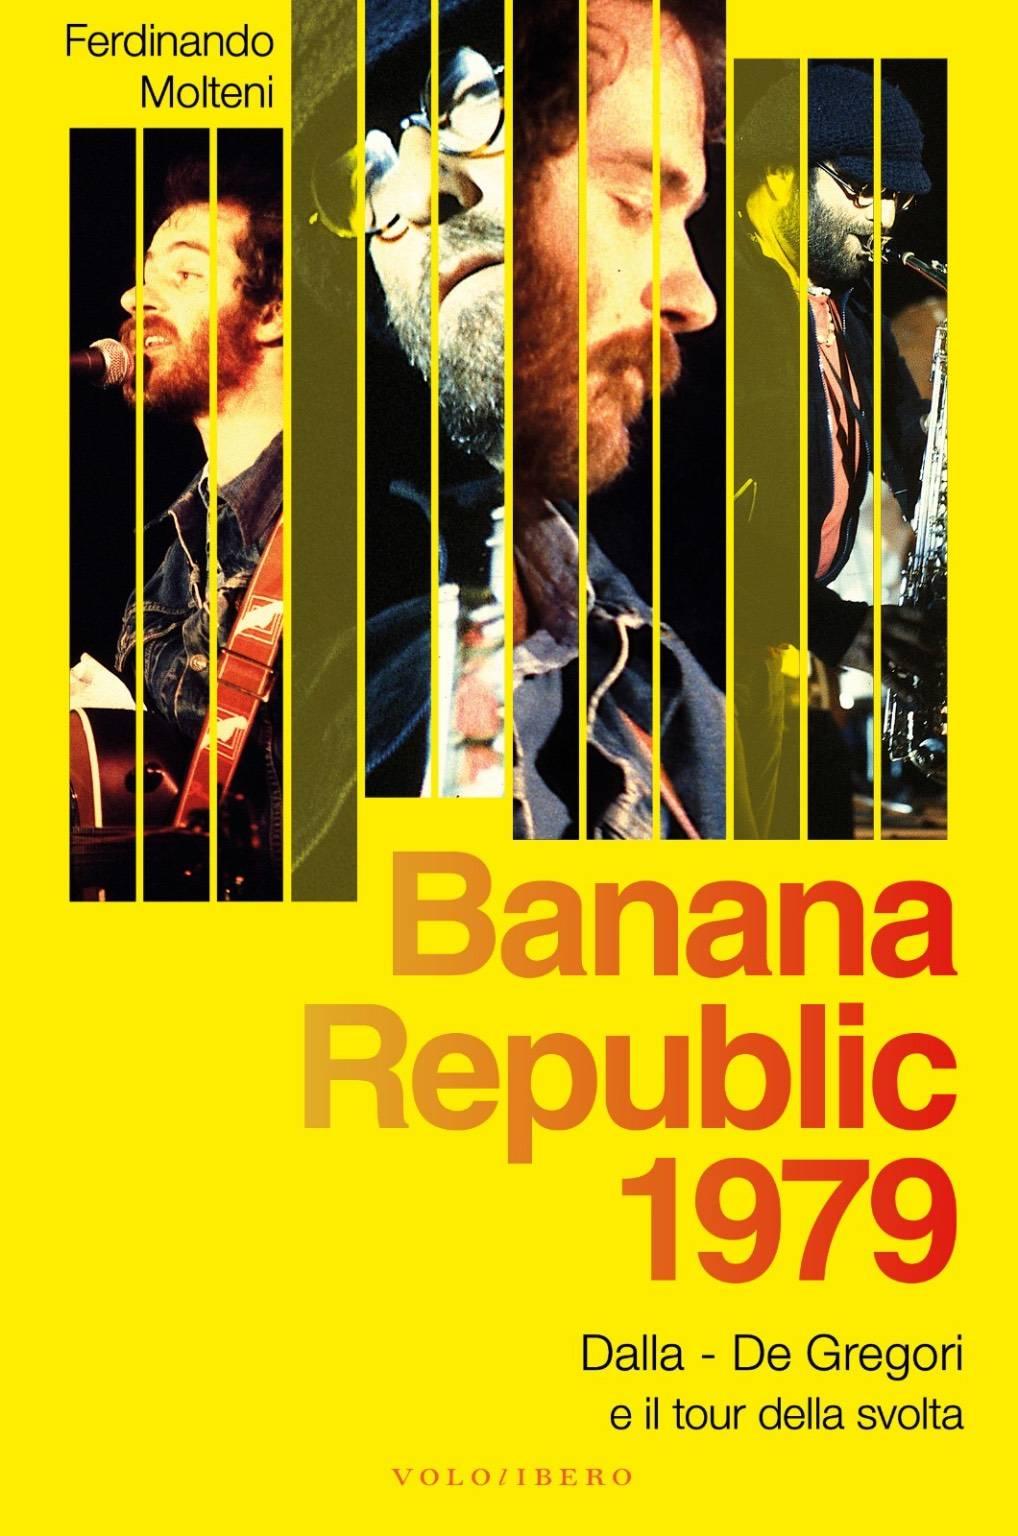 """""""Banana Republic 1979"""" libro Ferdinando Molteni"""